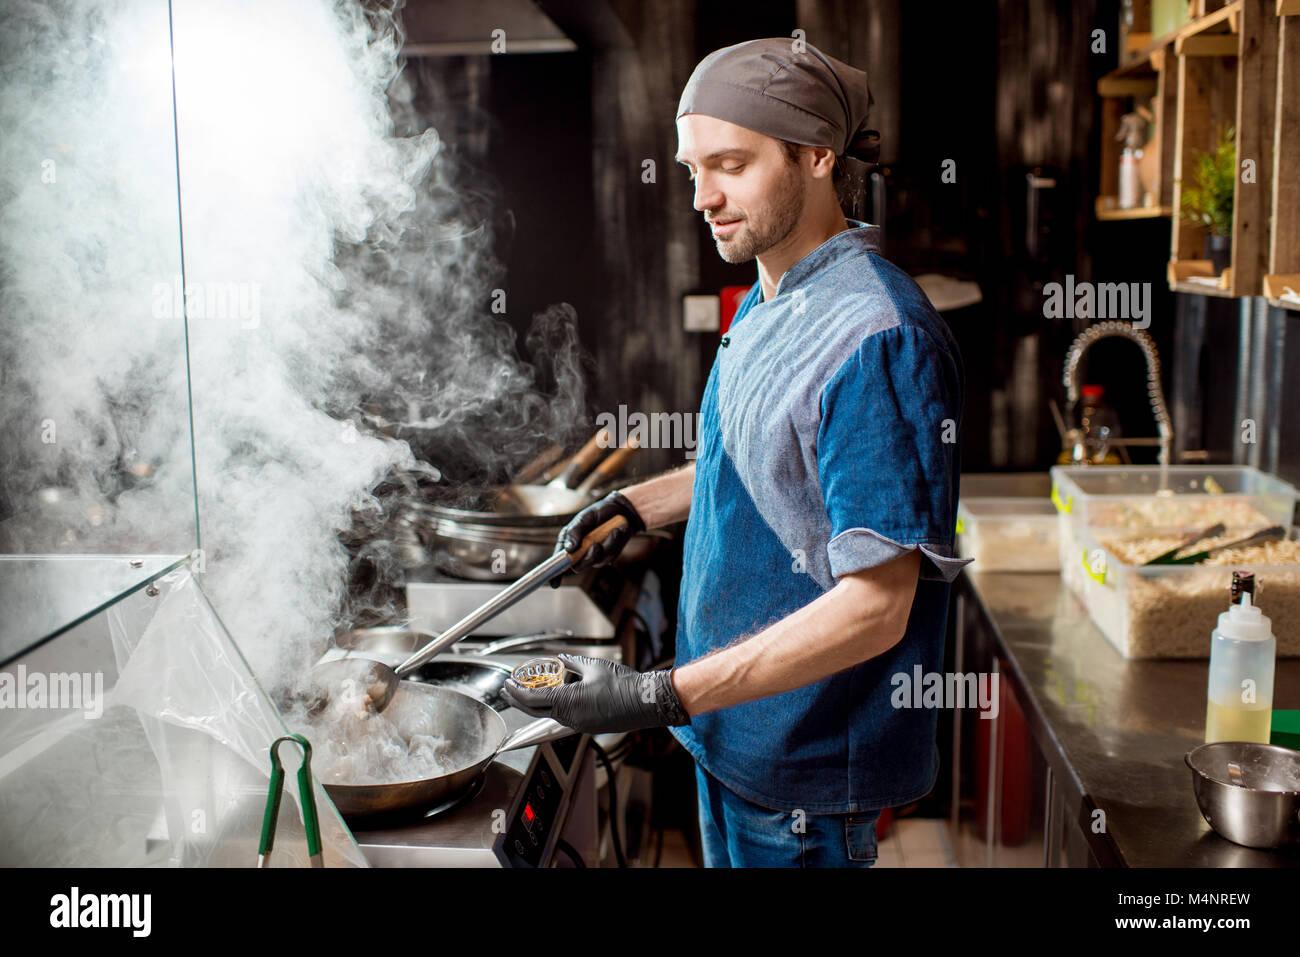 Le cuisinier en chef de cuisine dans la cuisine asiatique Photo Stock